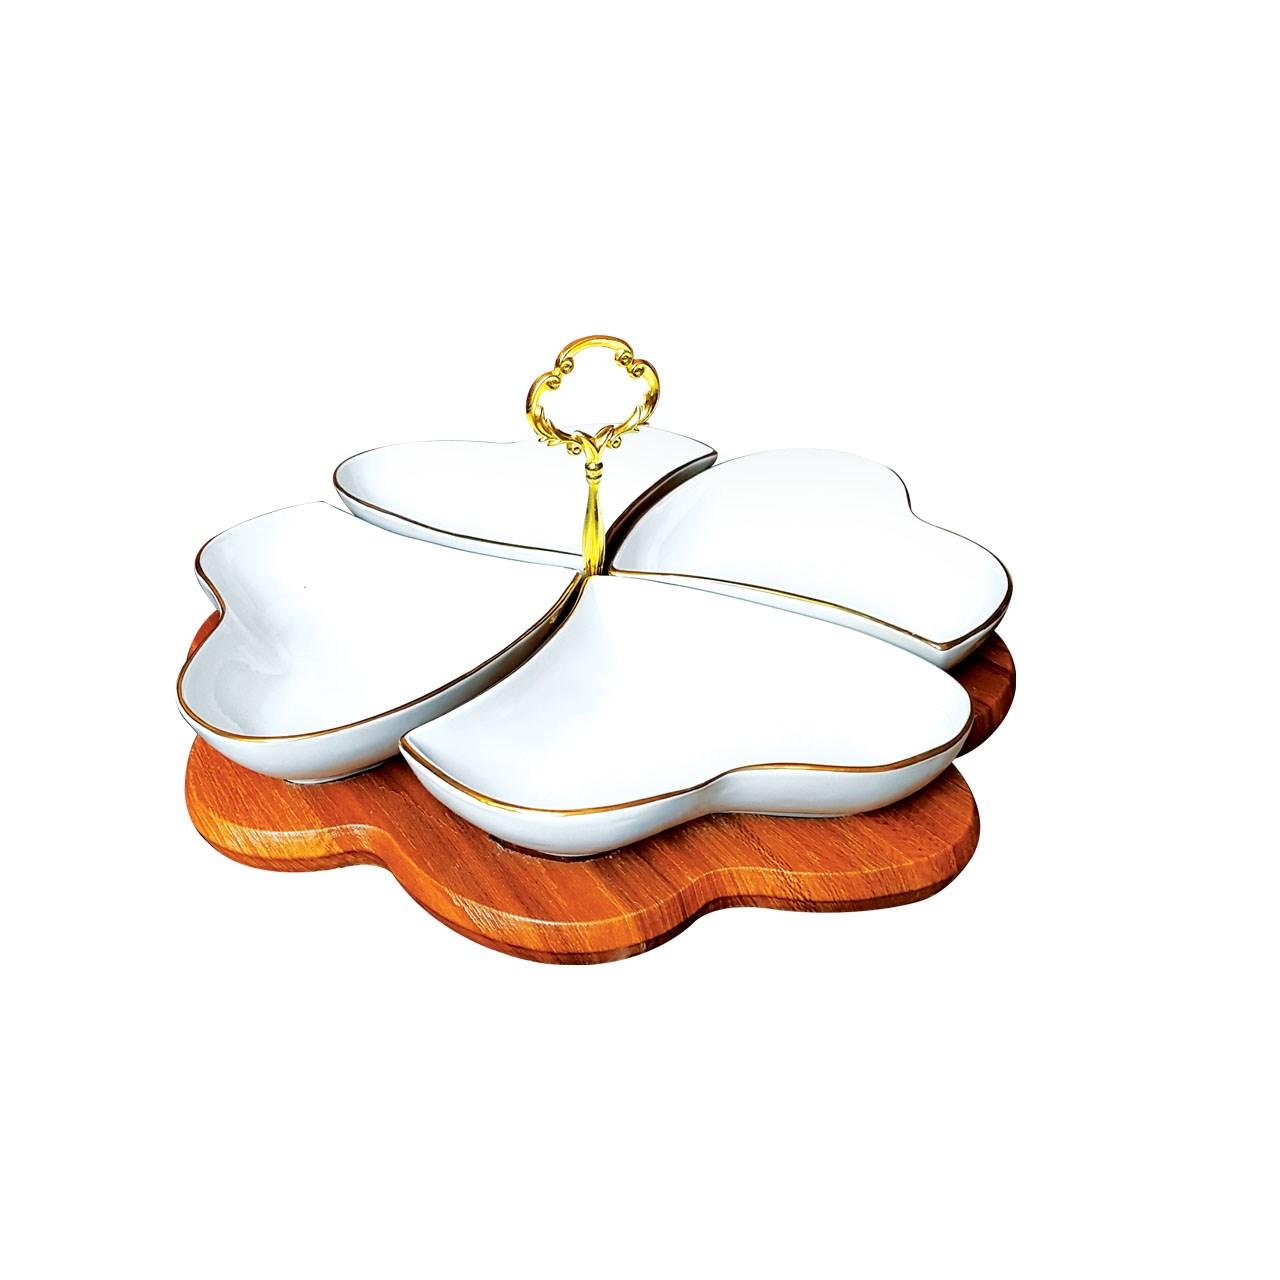 اردو خوری لیمون چینی پایه چوبی مدل قلب خط طلا